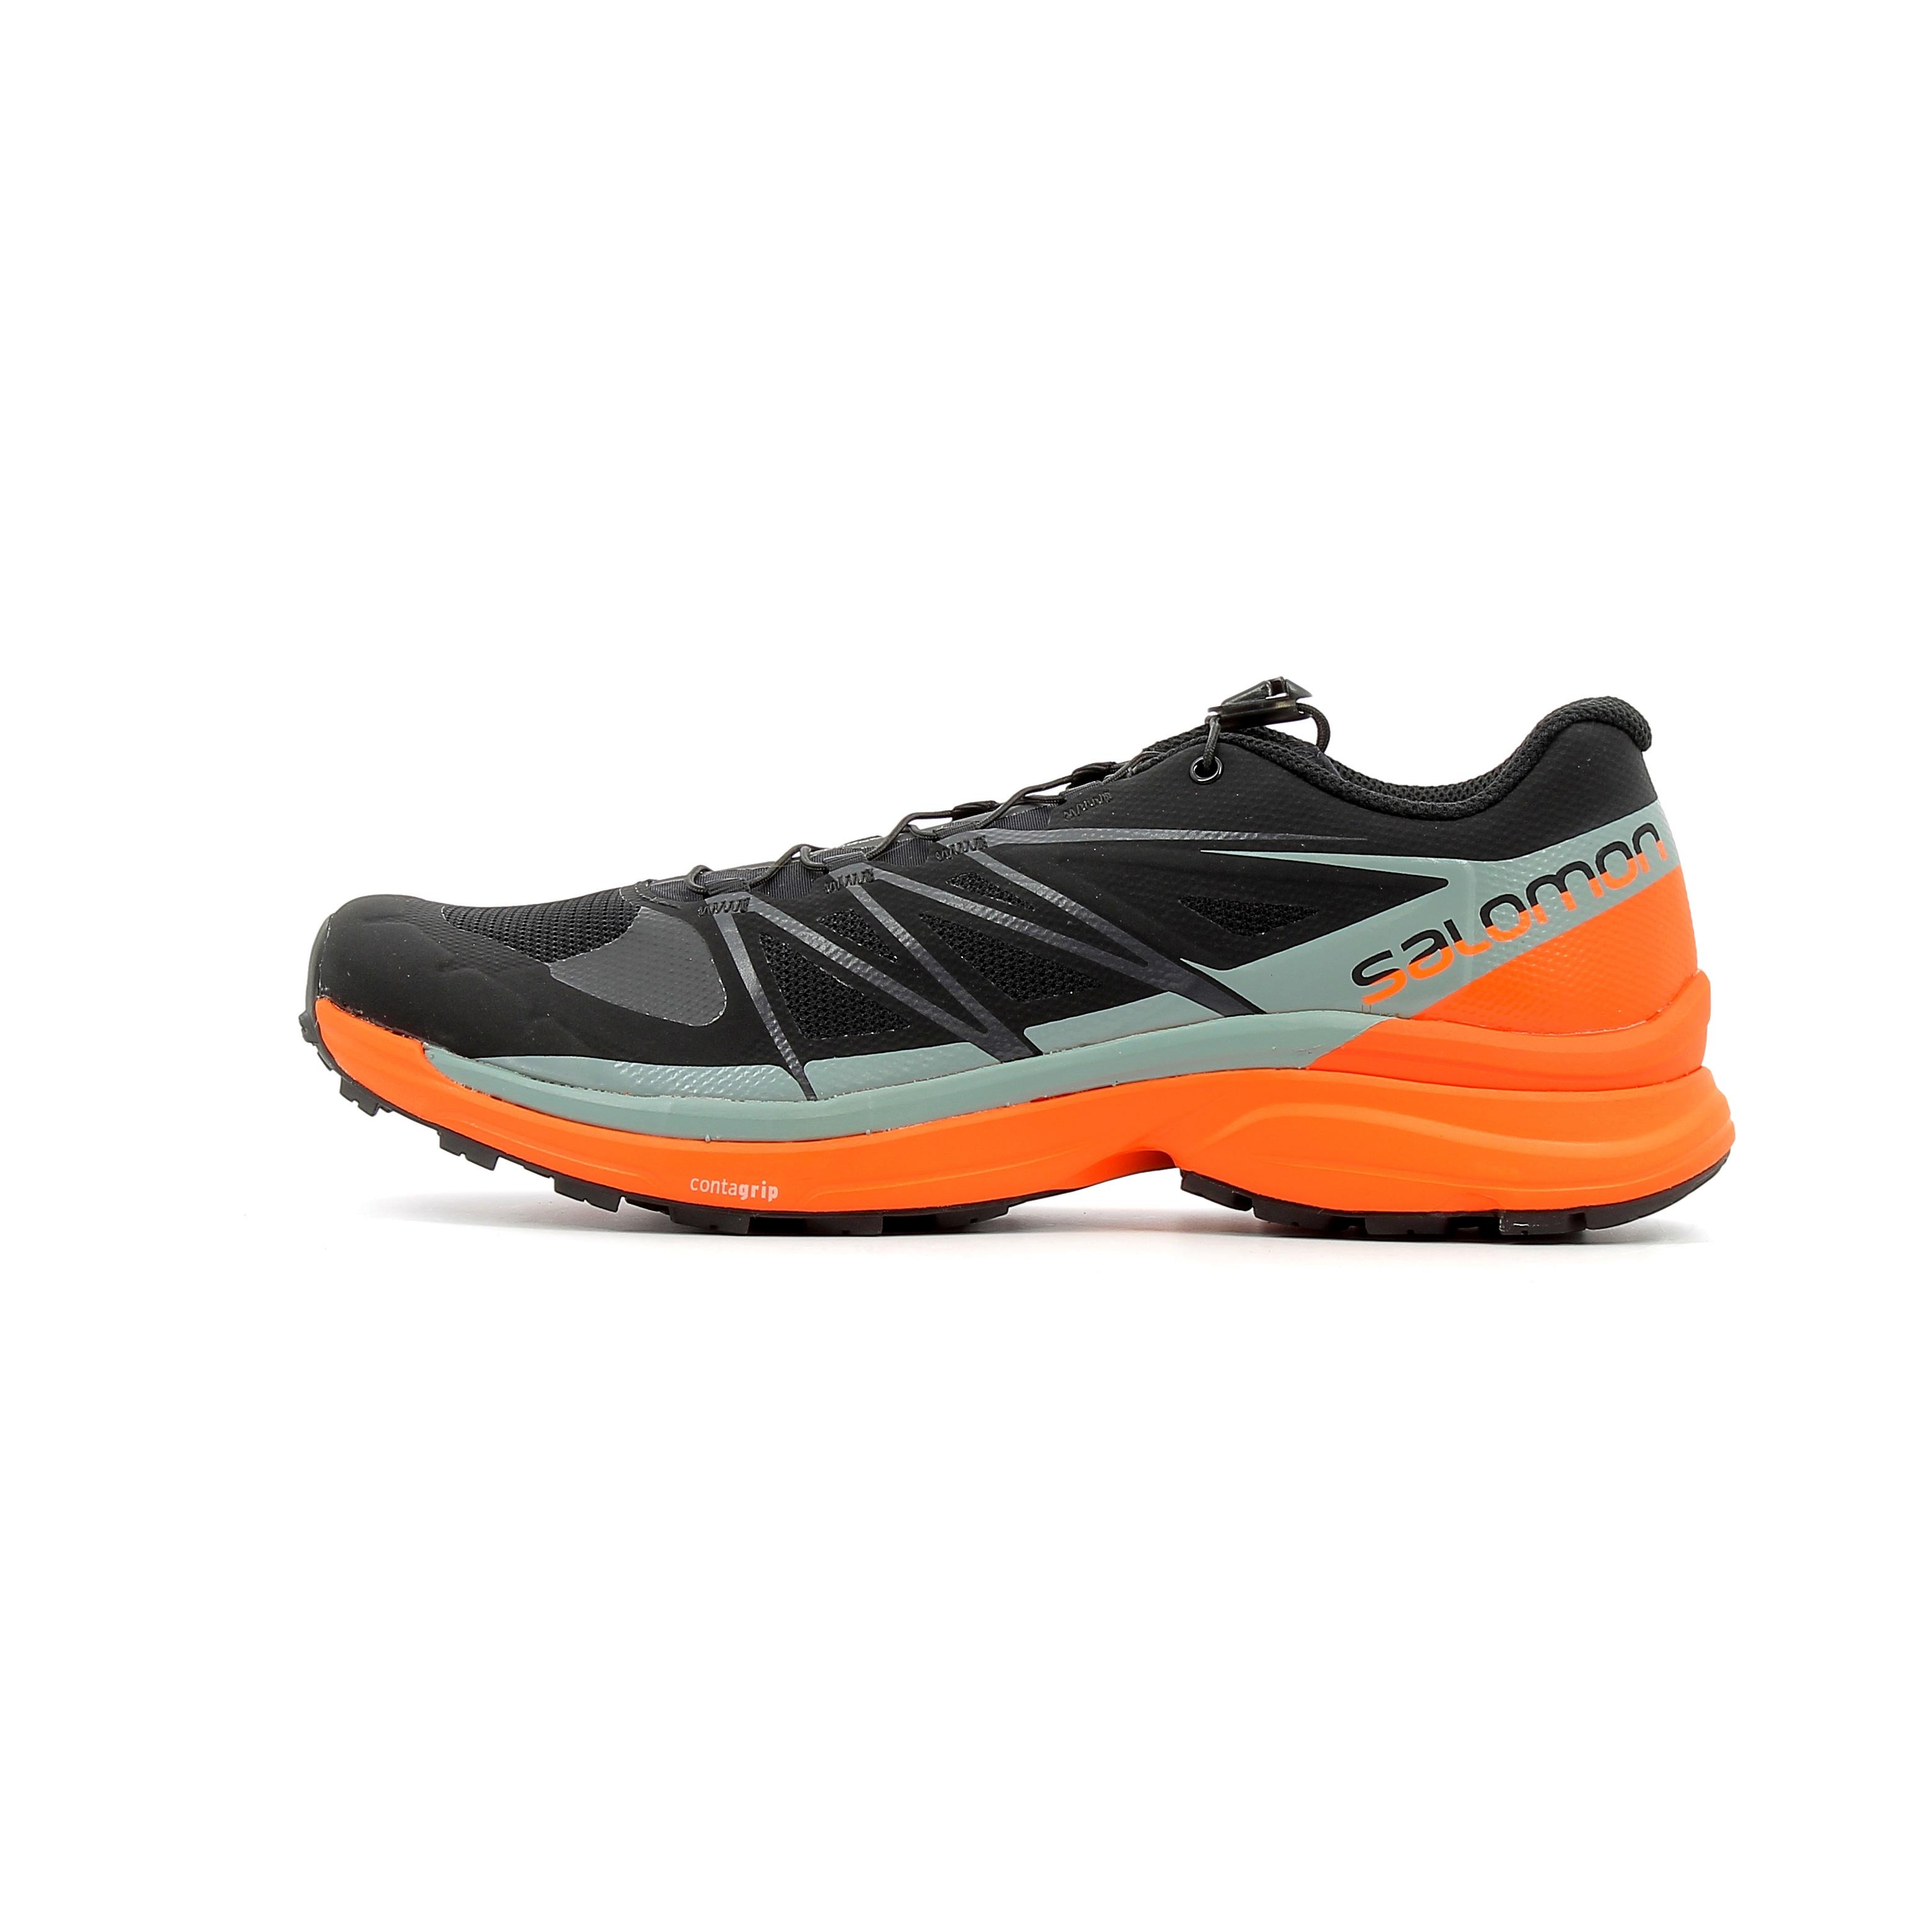 uk availability 59d1b 0568e Chaussure de trail Salomon Wings Pro 3 M